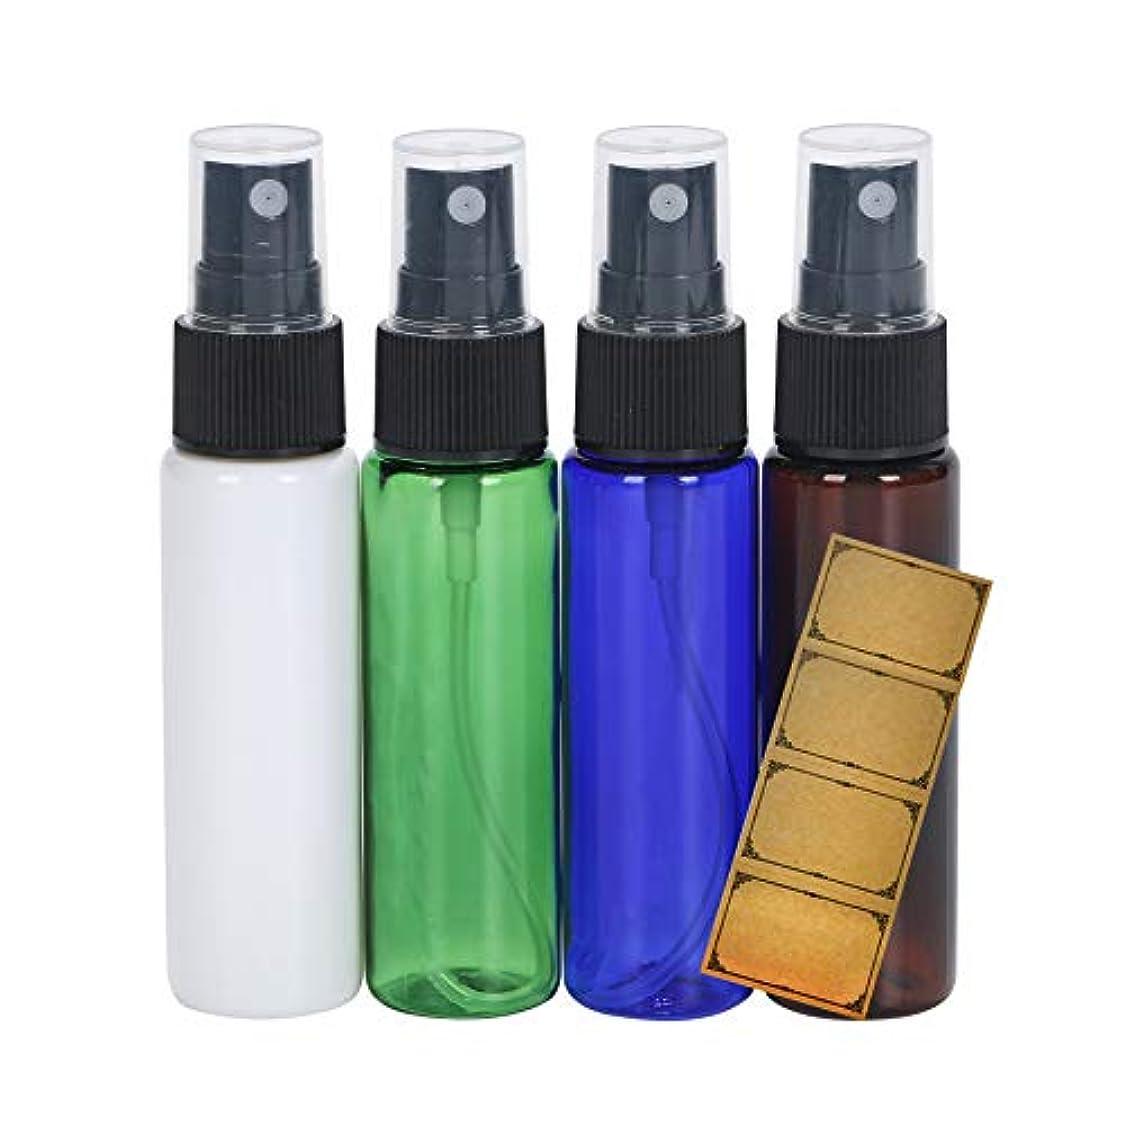 両方火山学者学部スプレーボトル 30ml 4本 オリジナルラベルシール付き 遮光 PET製 (4色(青、緑、茶、白))